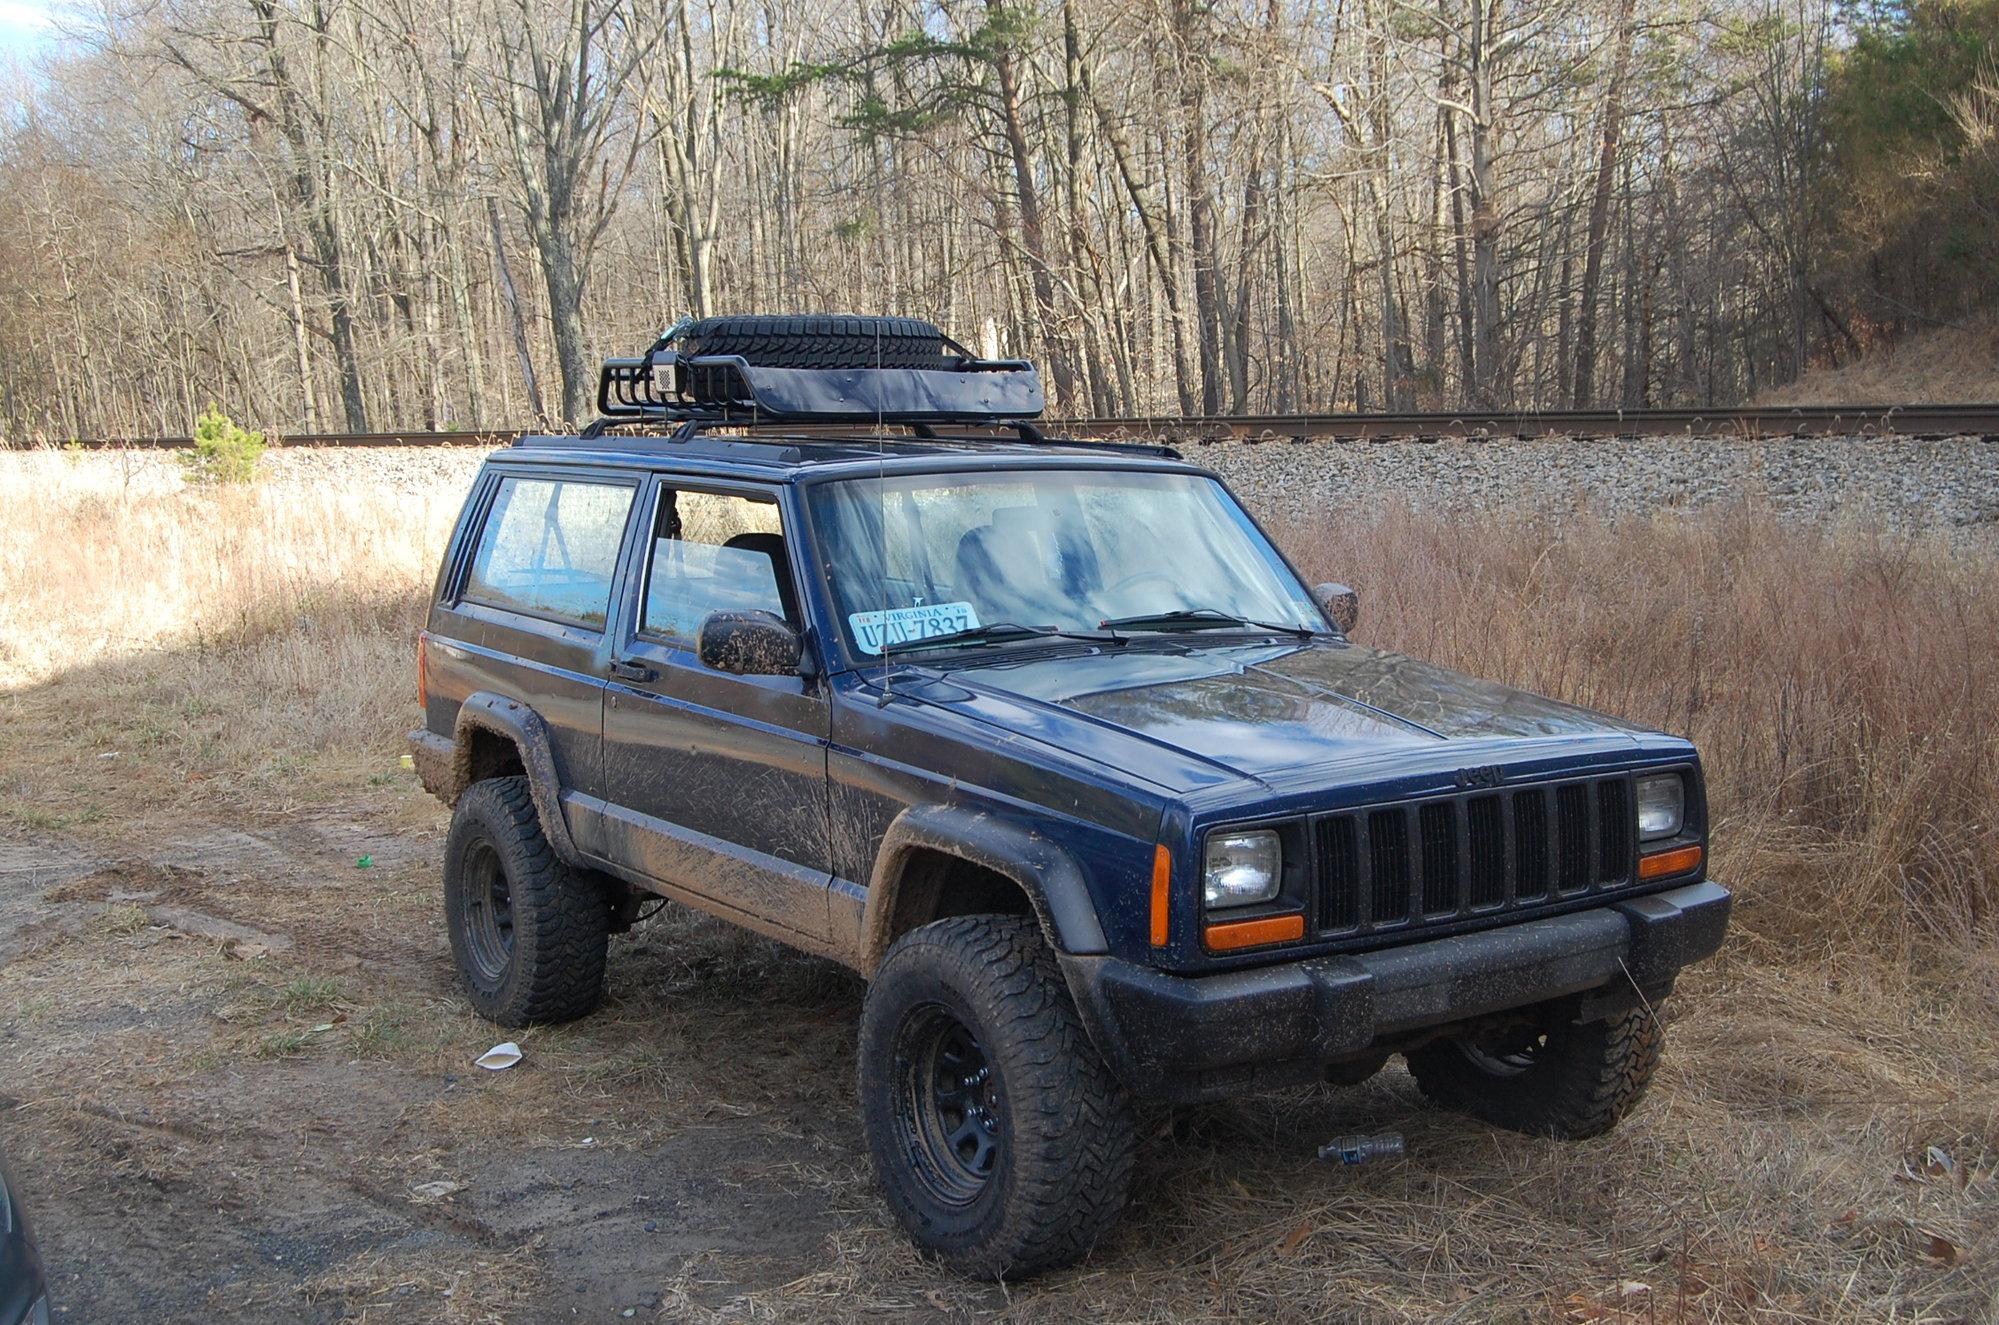 1997 Jeep Cherokee 2-door Manual - Jeep Cherokee Forum